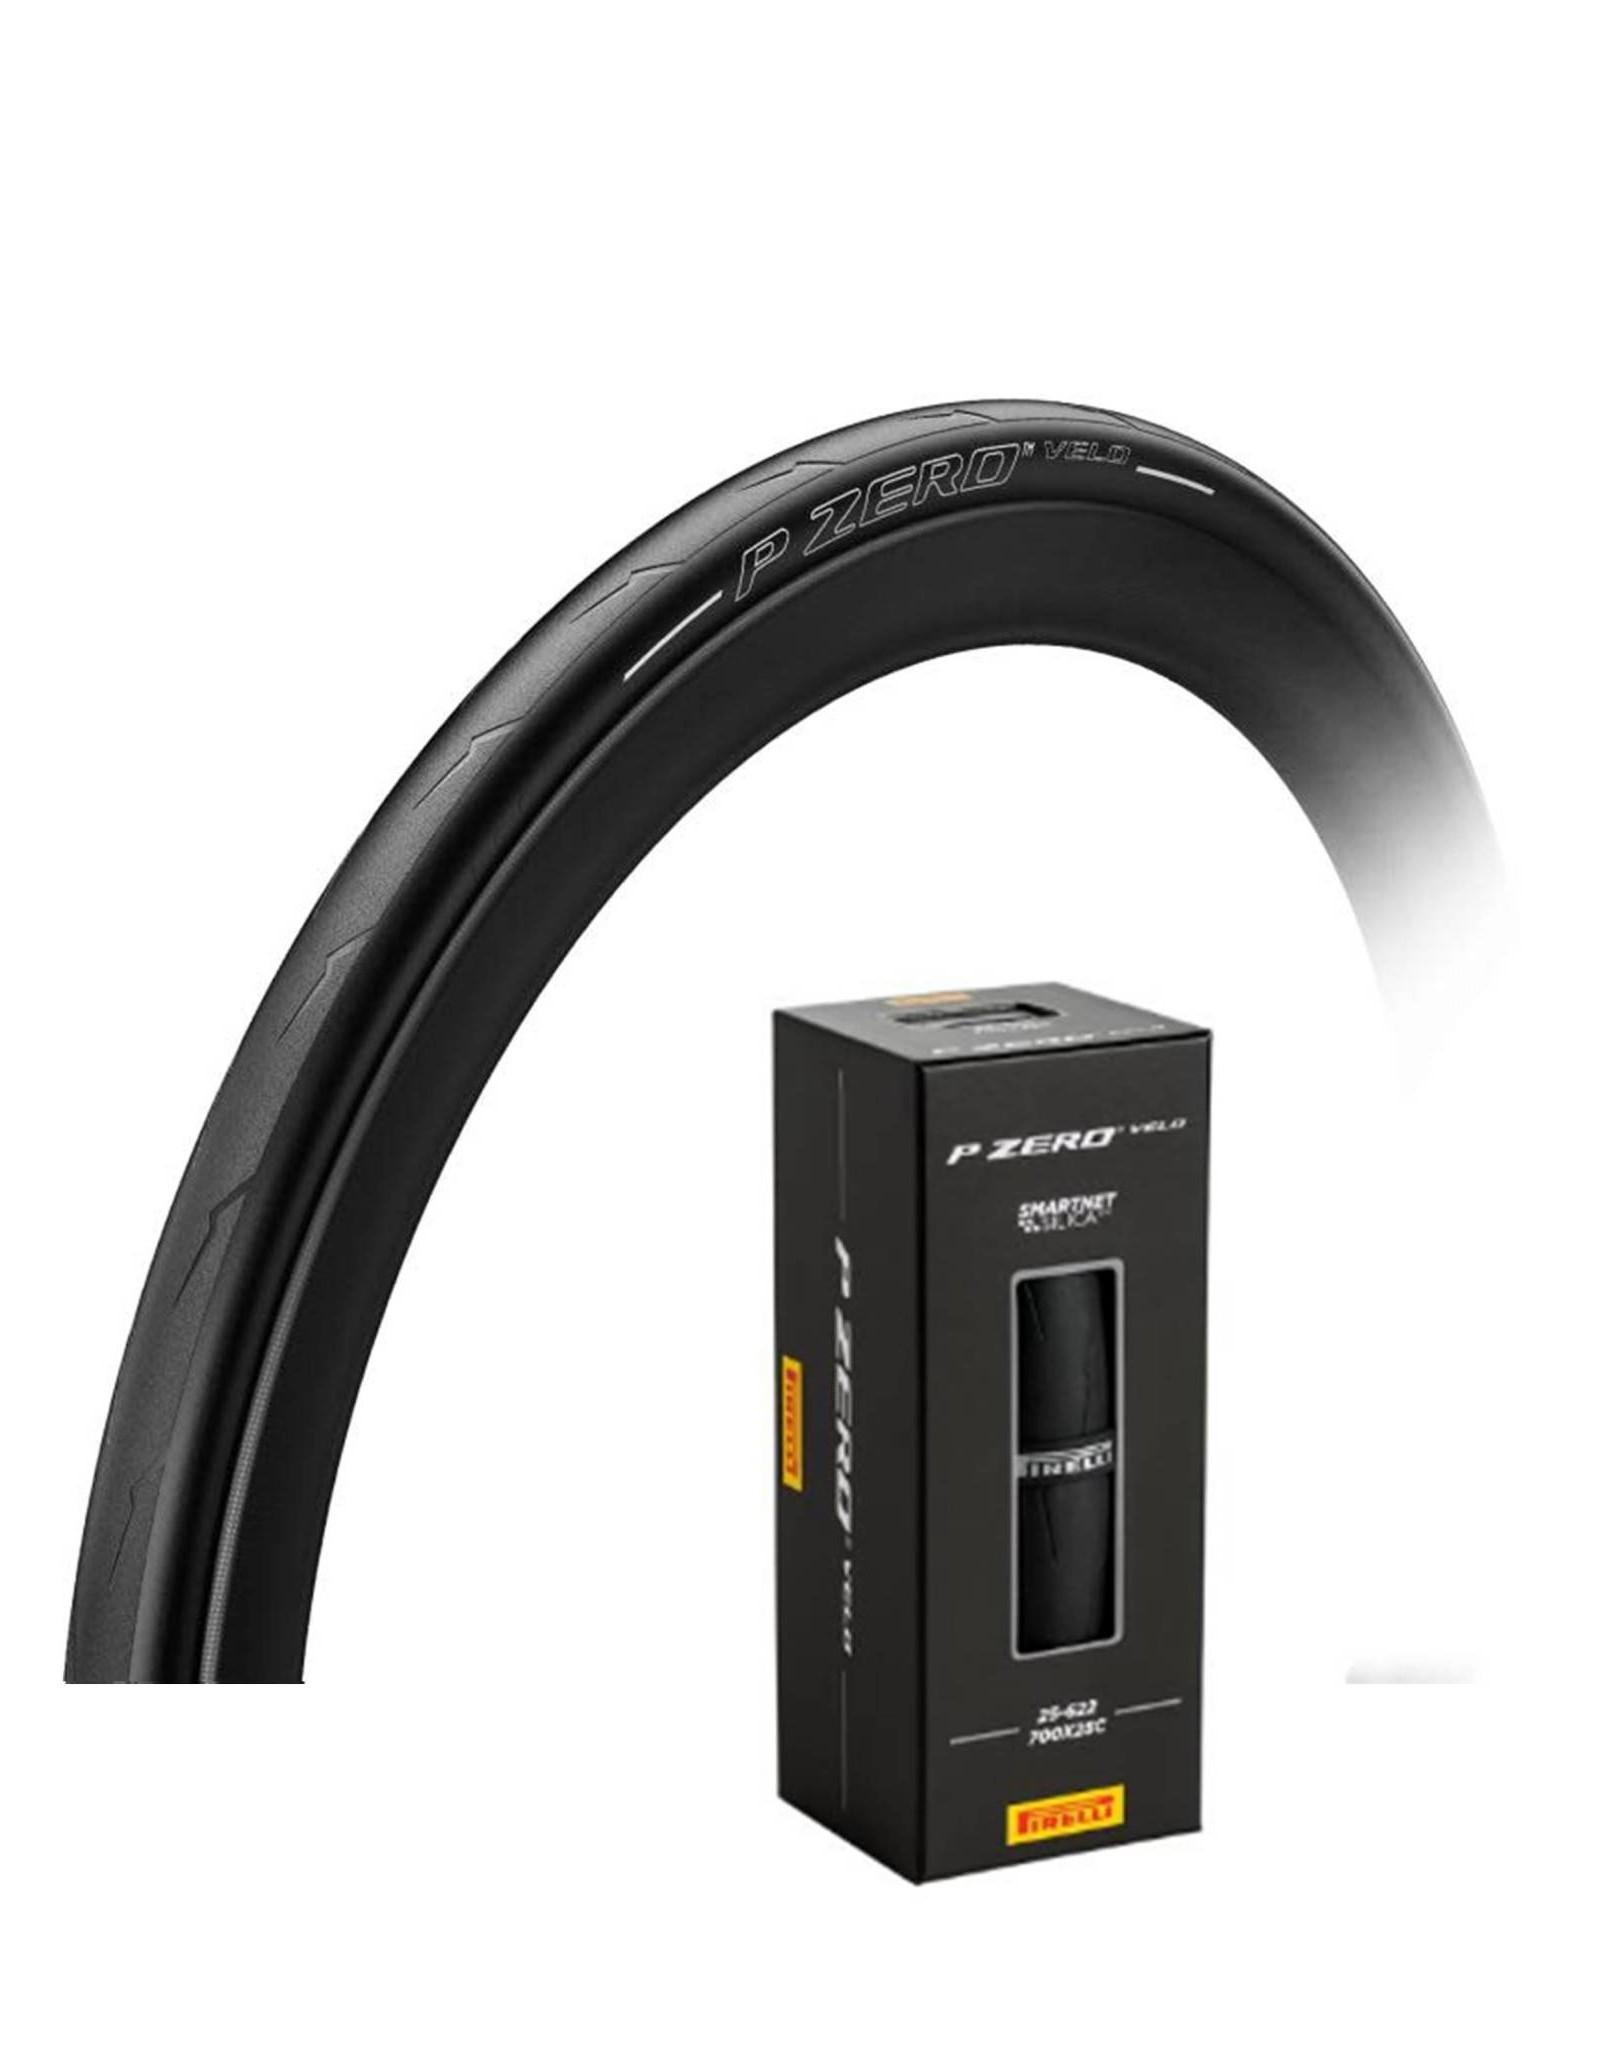 Pirelli Pzero Velo 700 x 25 Silver Tyre